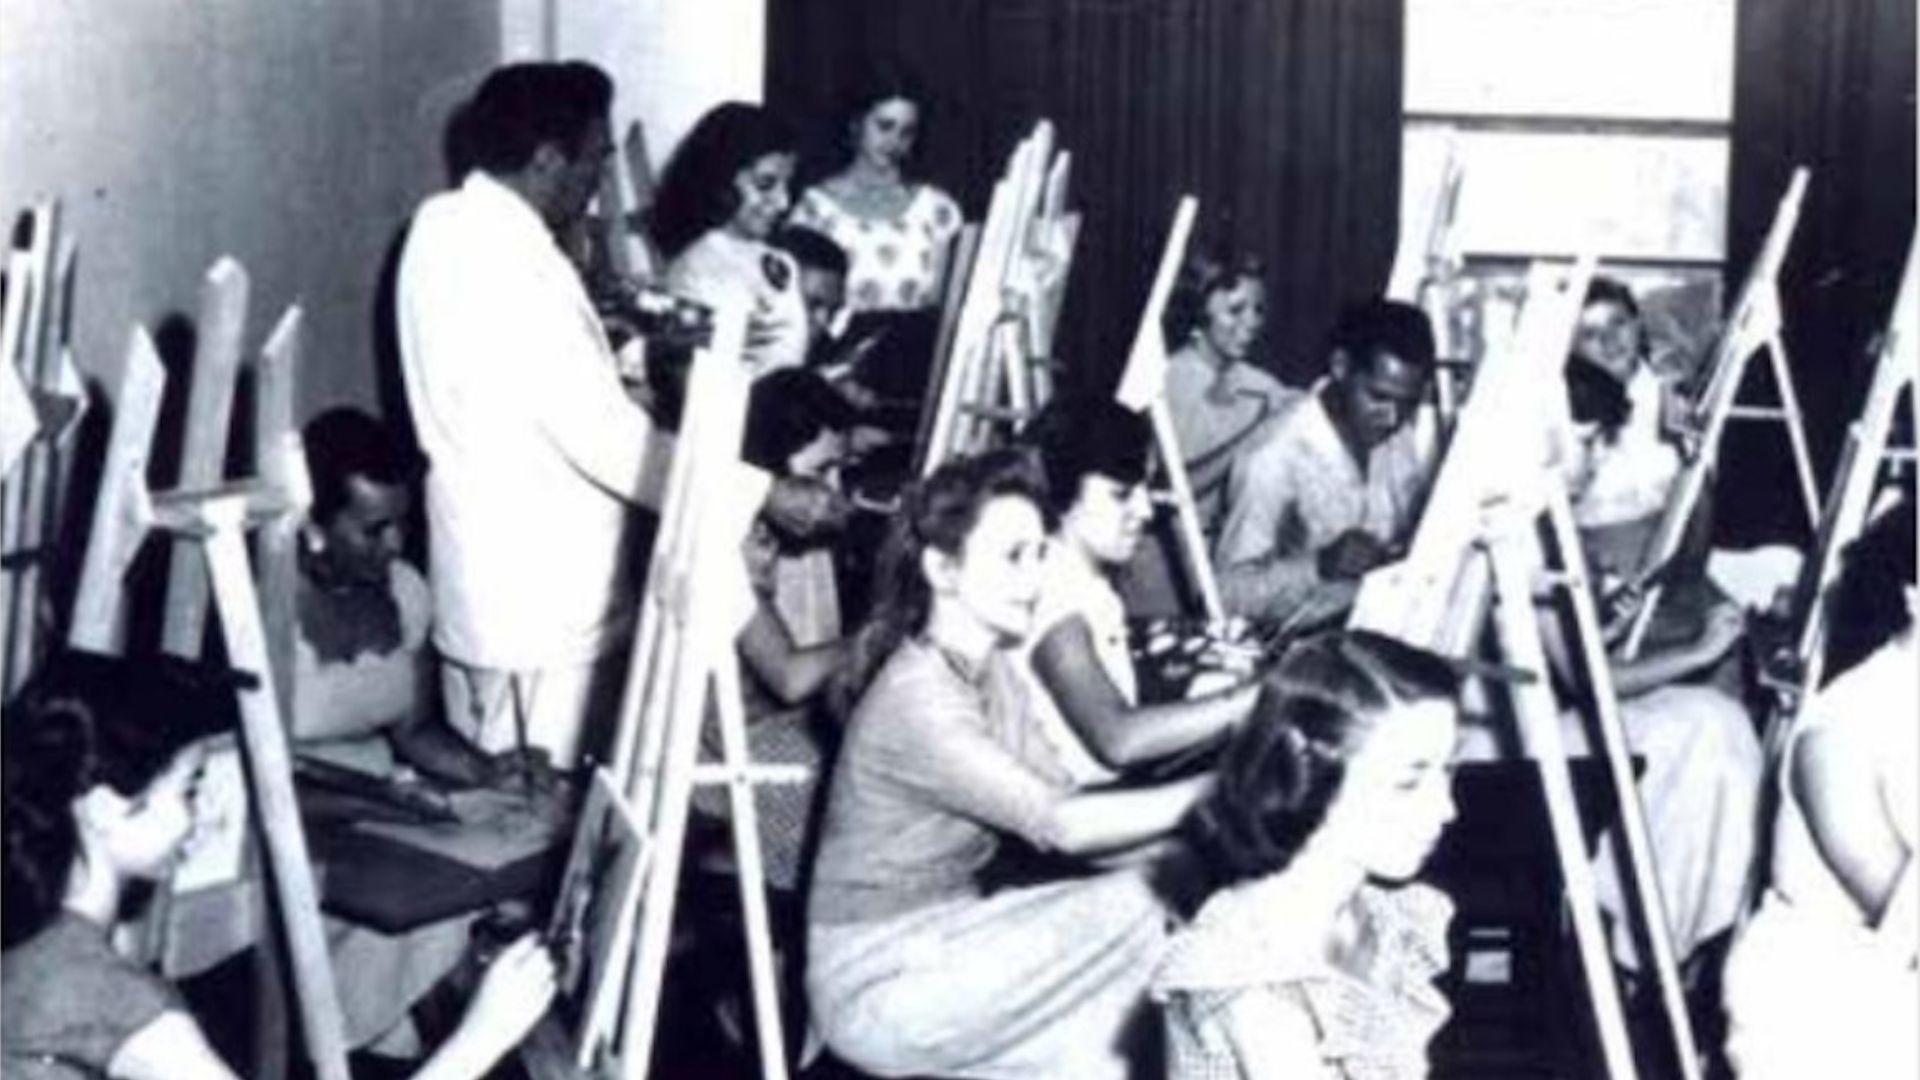 Centro de Artes da Ufes completa 50 anos em 2021: a arte importa porque a beleza importa, não importa que belo seja